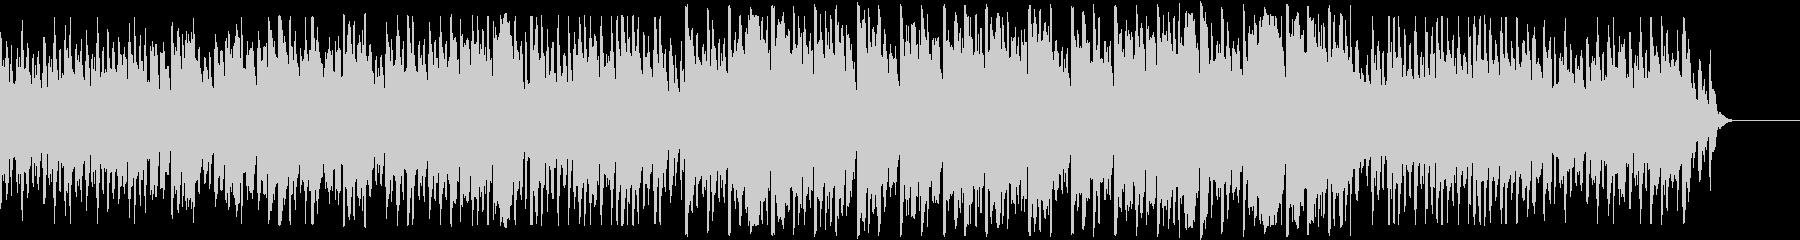 ハープの音色が美しいバラードの未再生の波形